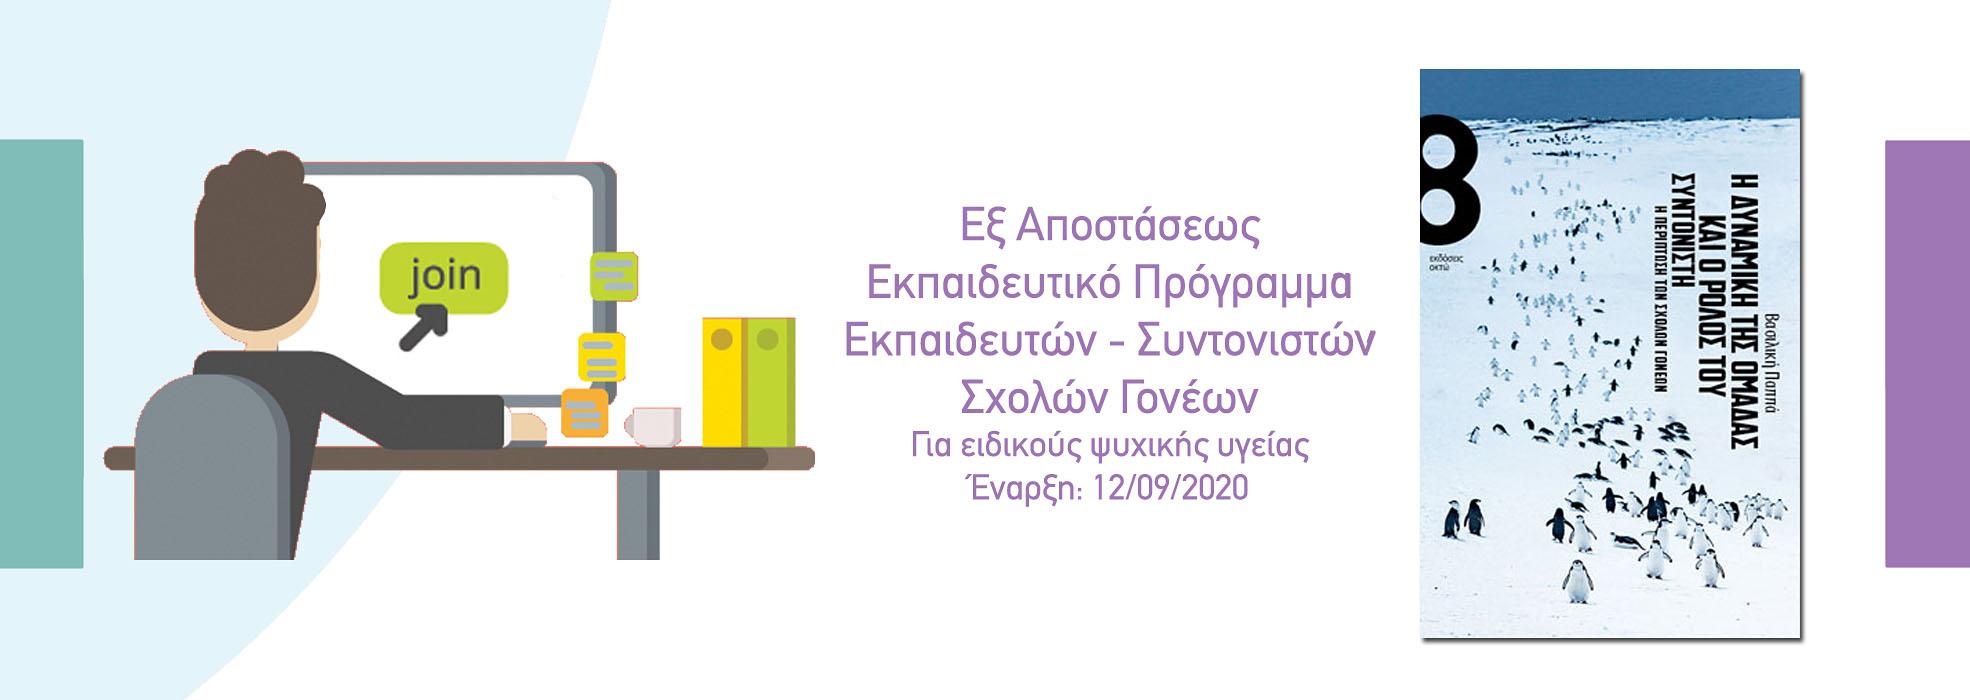 Εκπαιδευτικό Πρόγραμμα Εκπαιδευτών - Συντονιστών Σχολών Γονέων εξ αποστάσεως